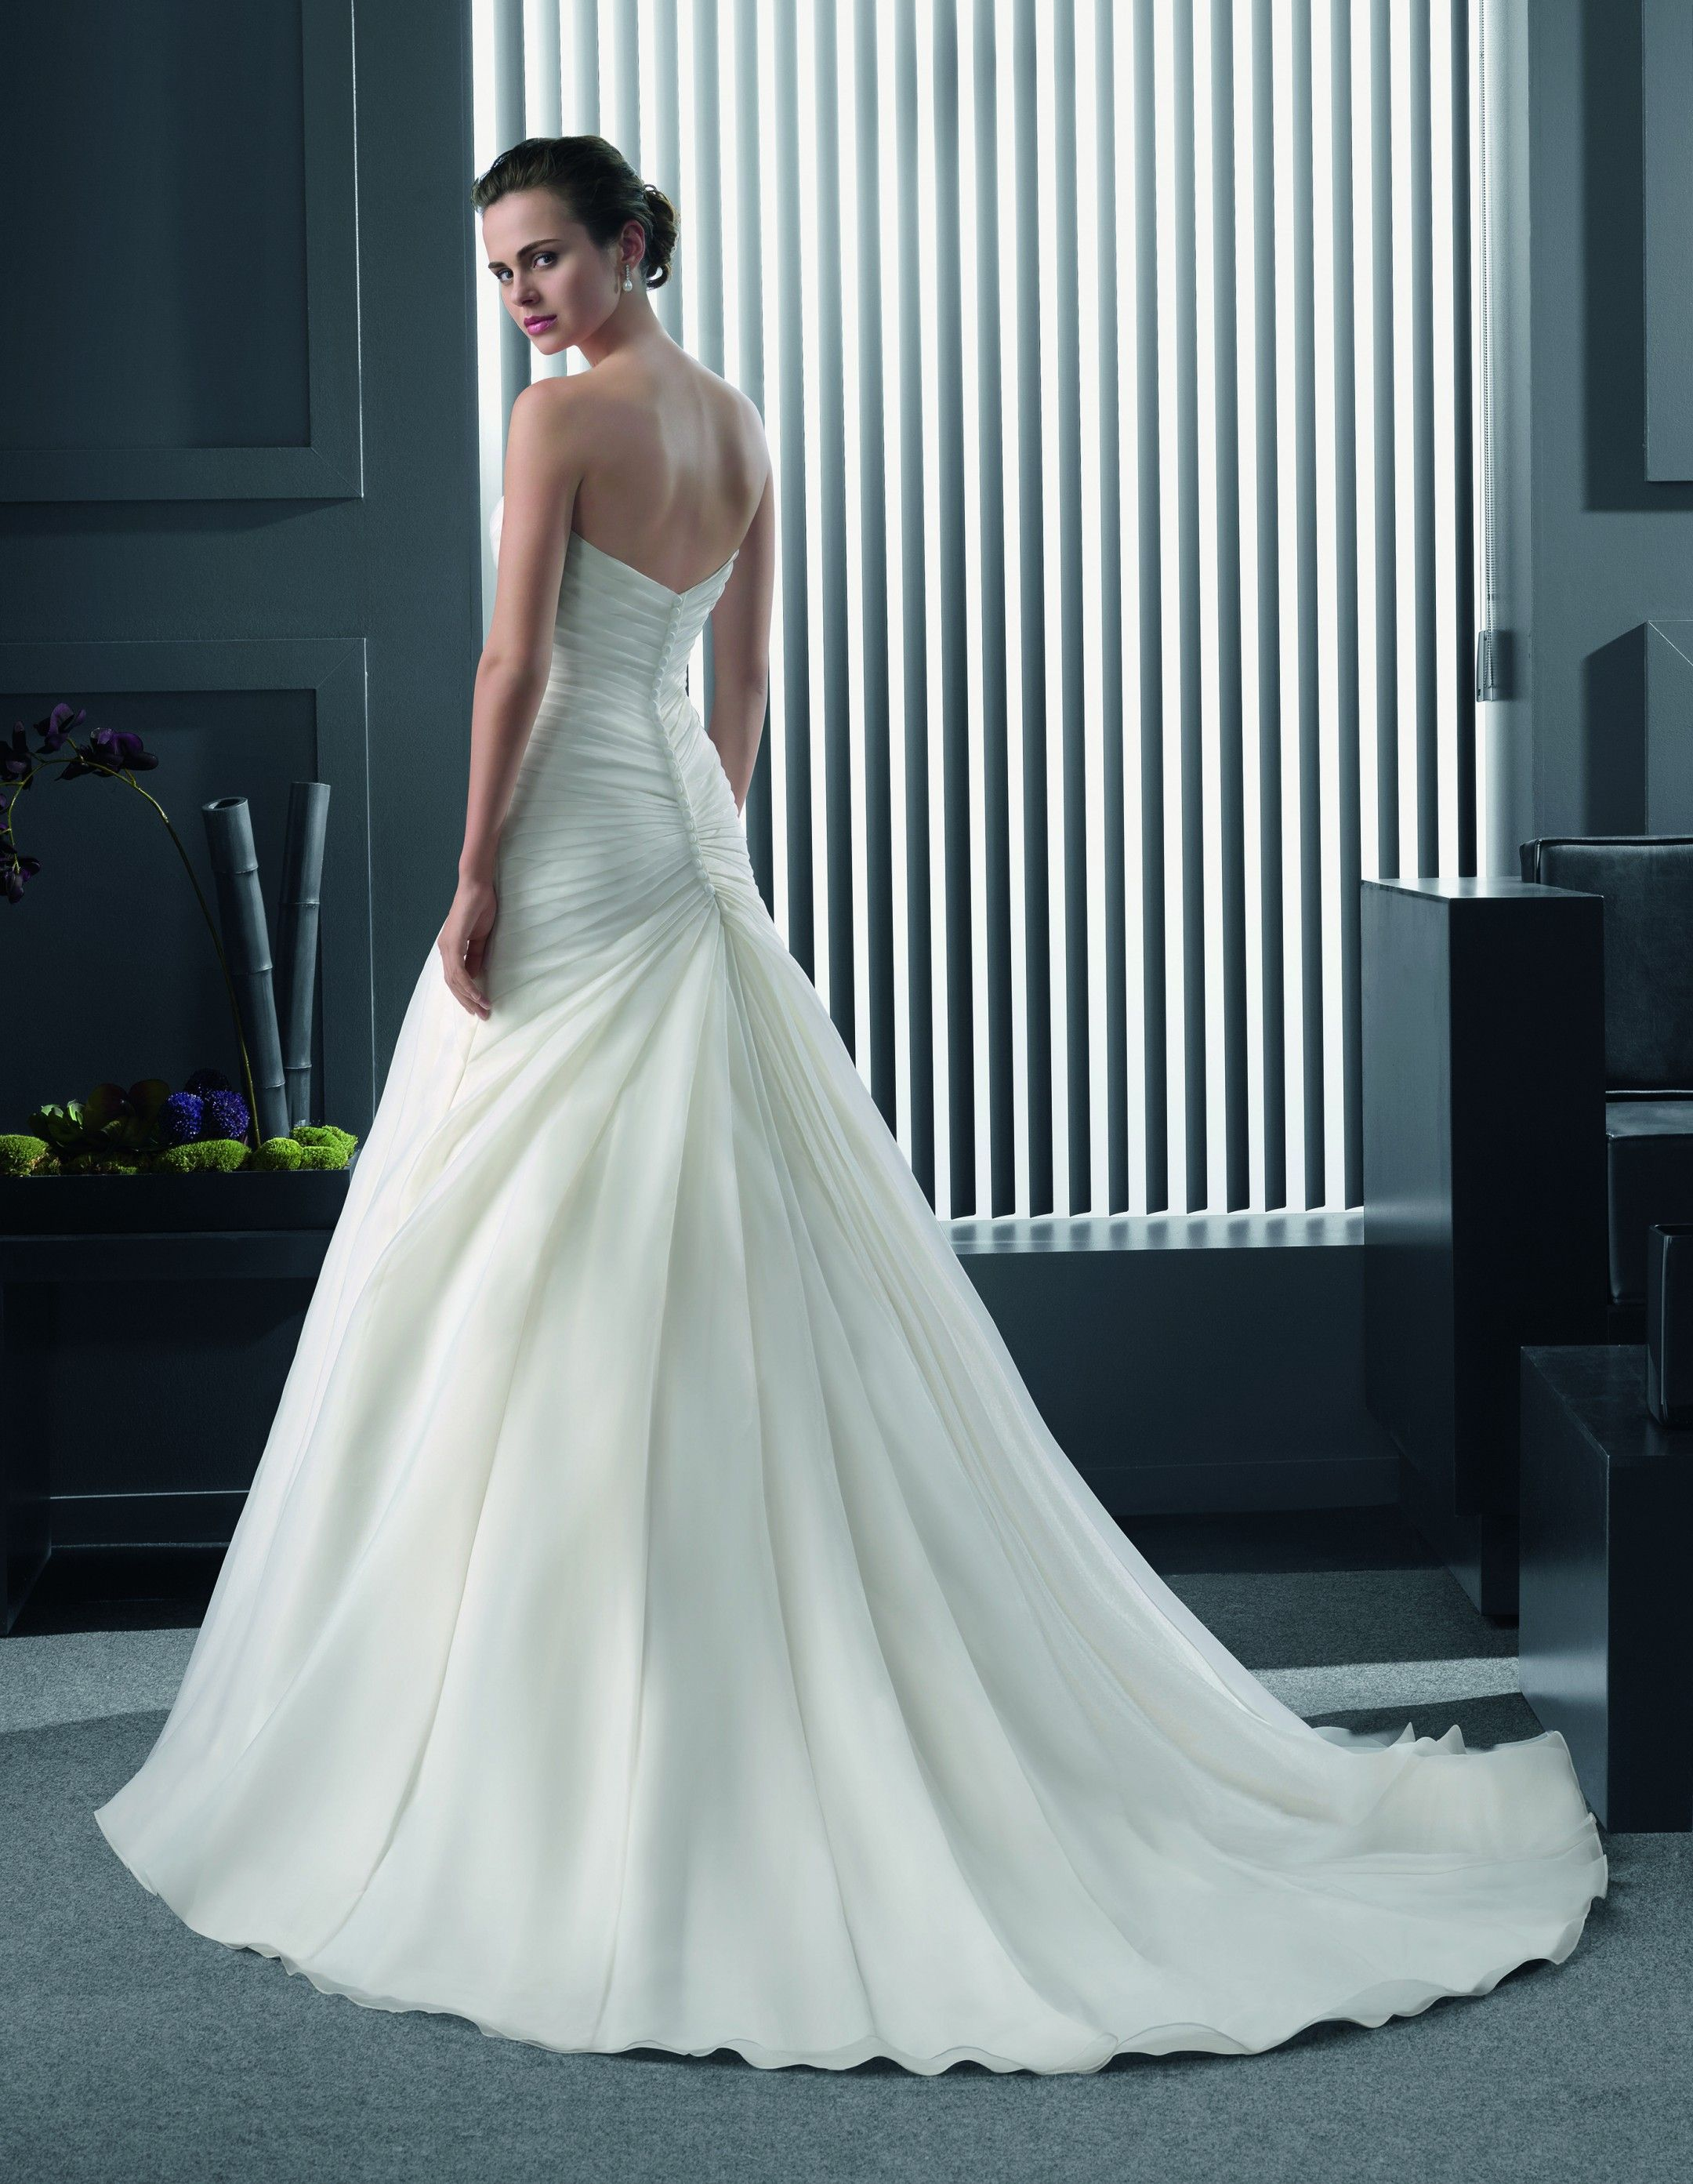 Rocco - Rosa Clará - Esküvői ruhák - Ananász Szalon - esküvői ...